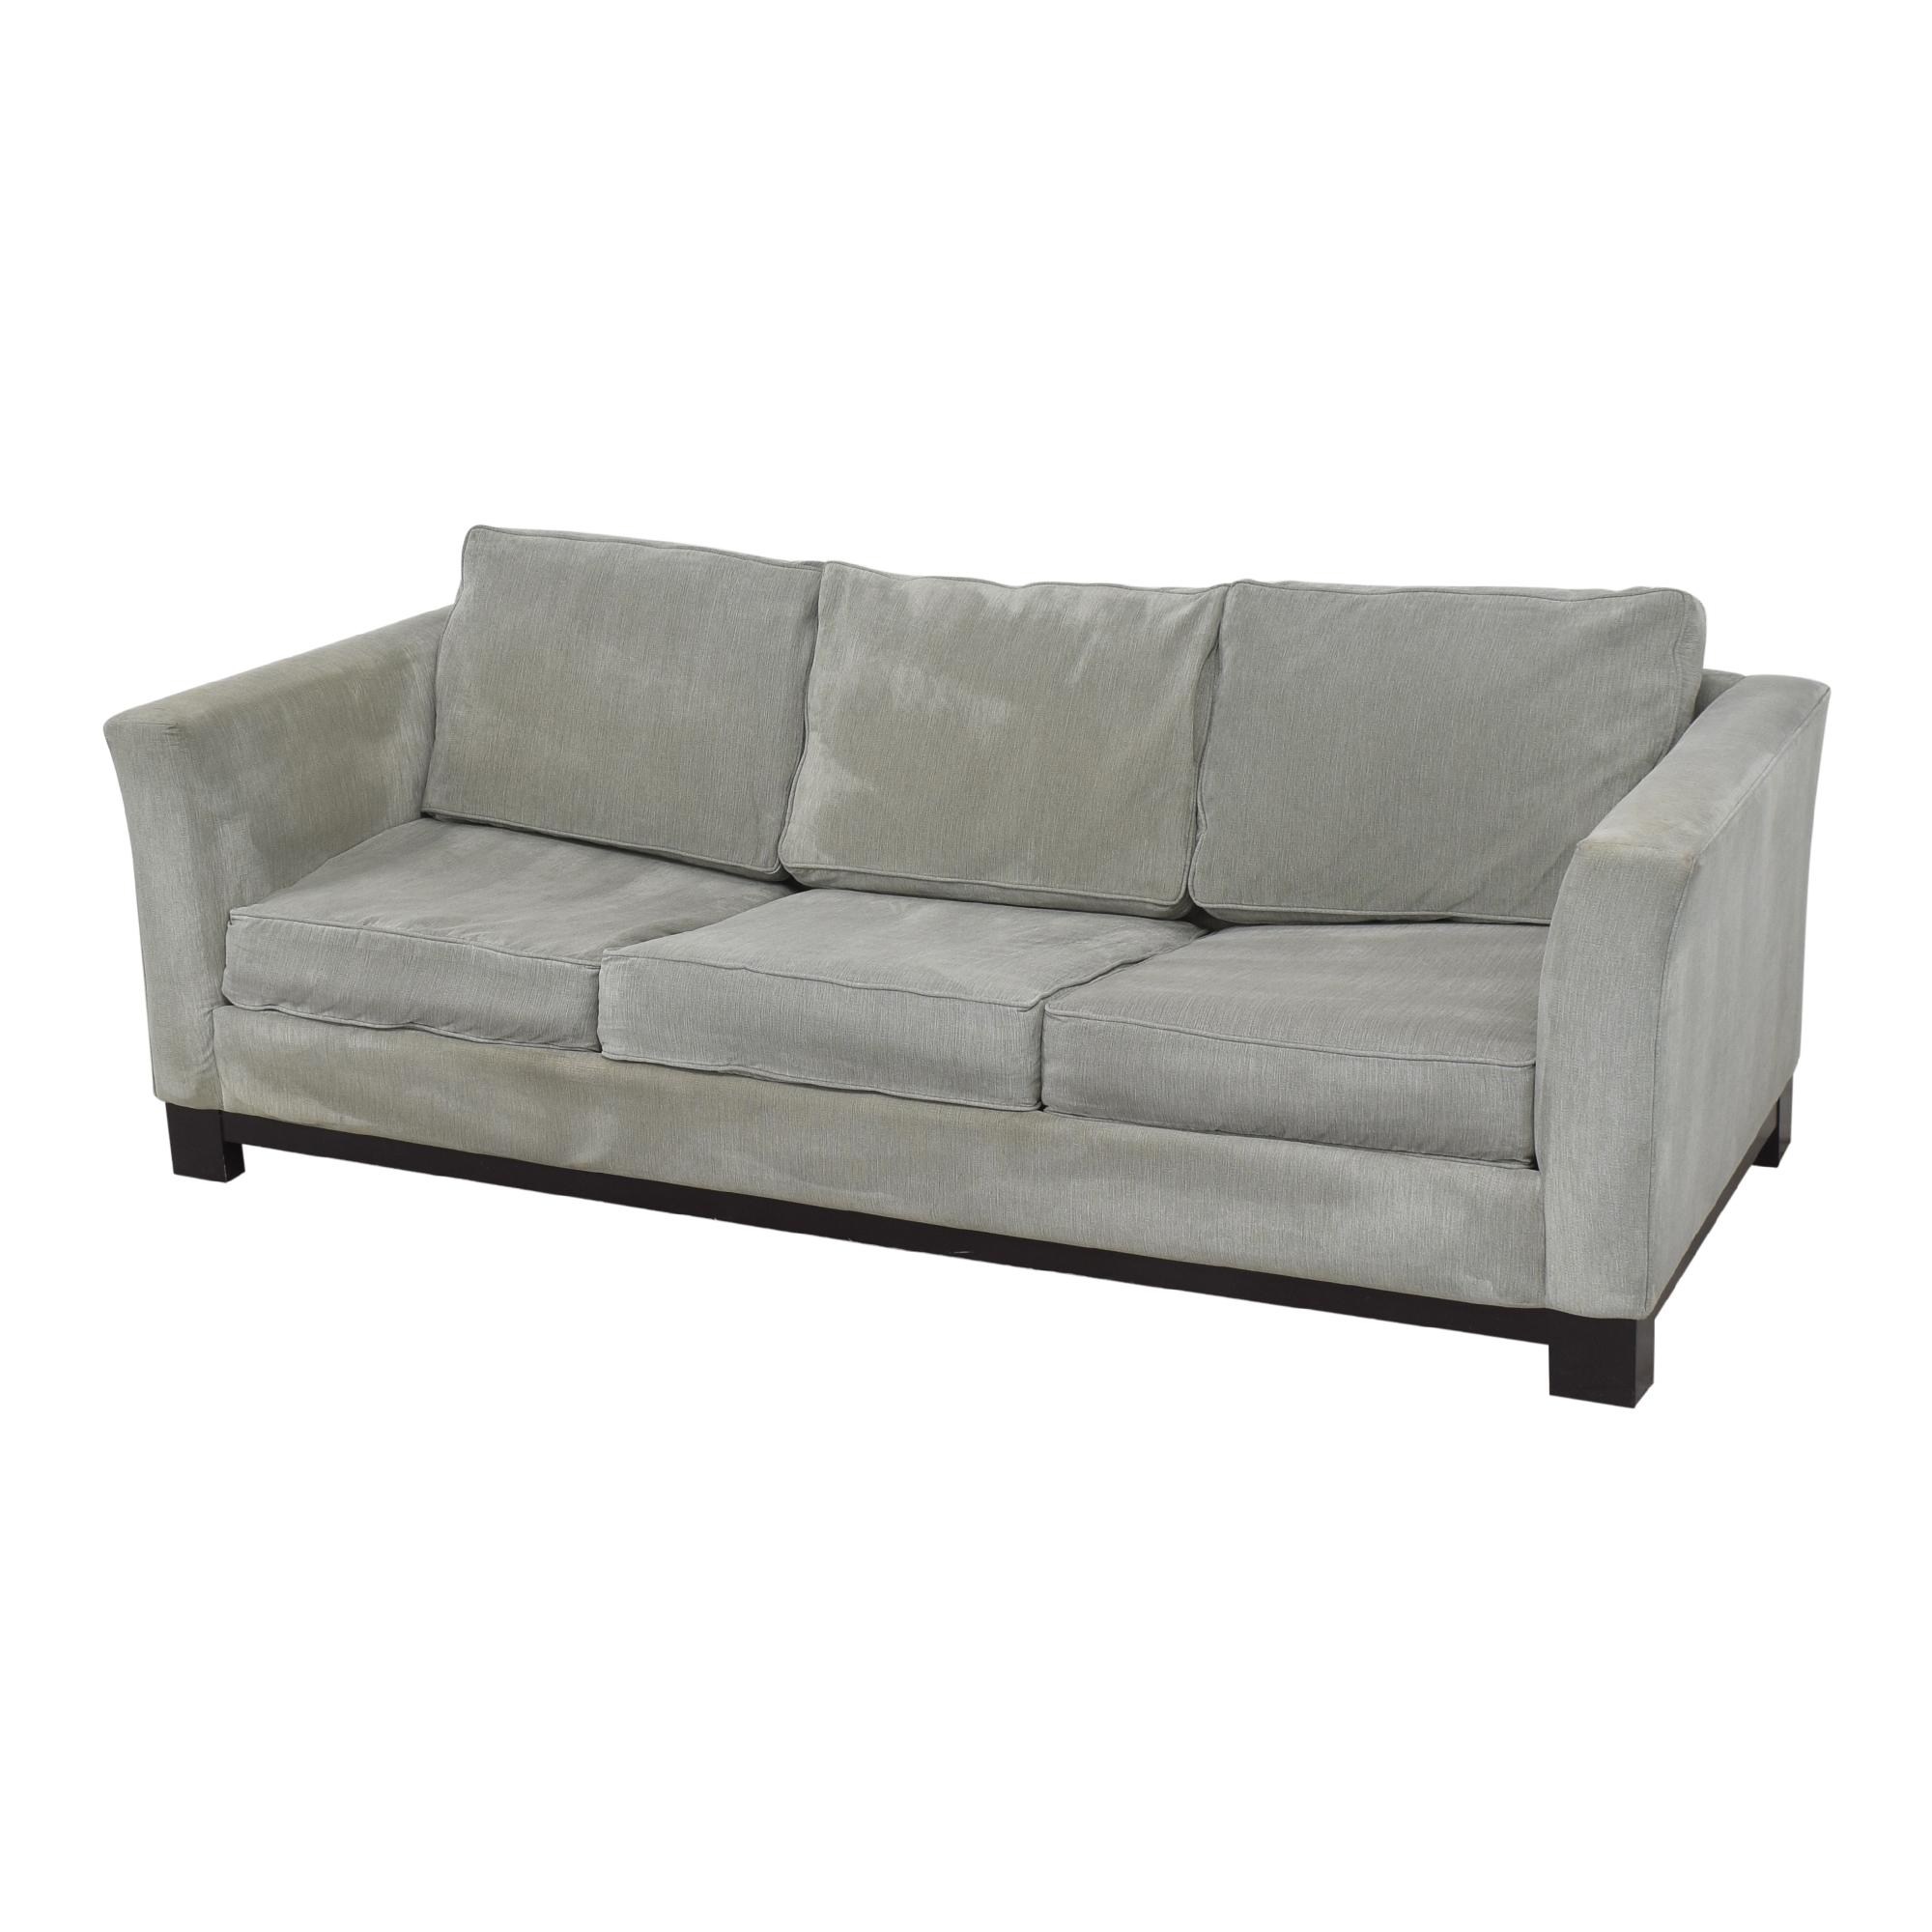 Macy's Macy's Kenton Sleeper Sofa Sofas